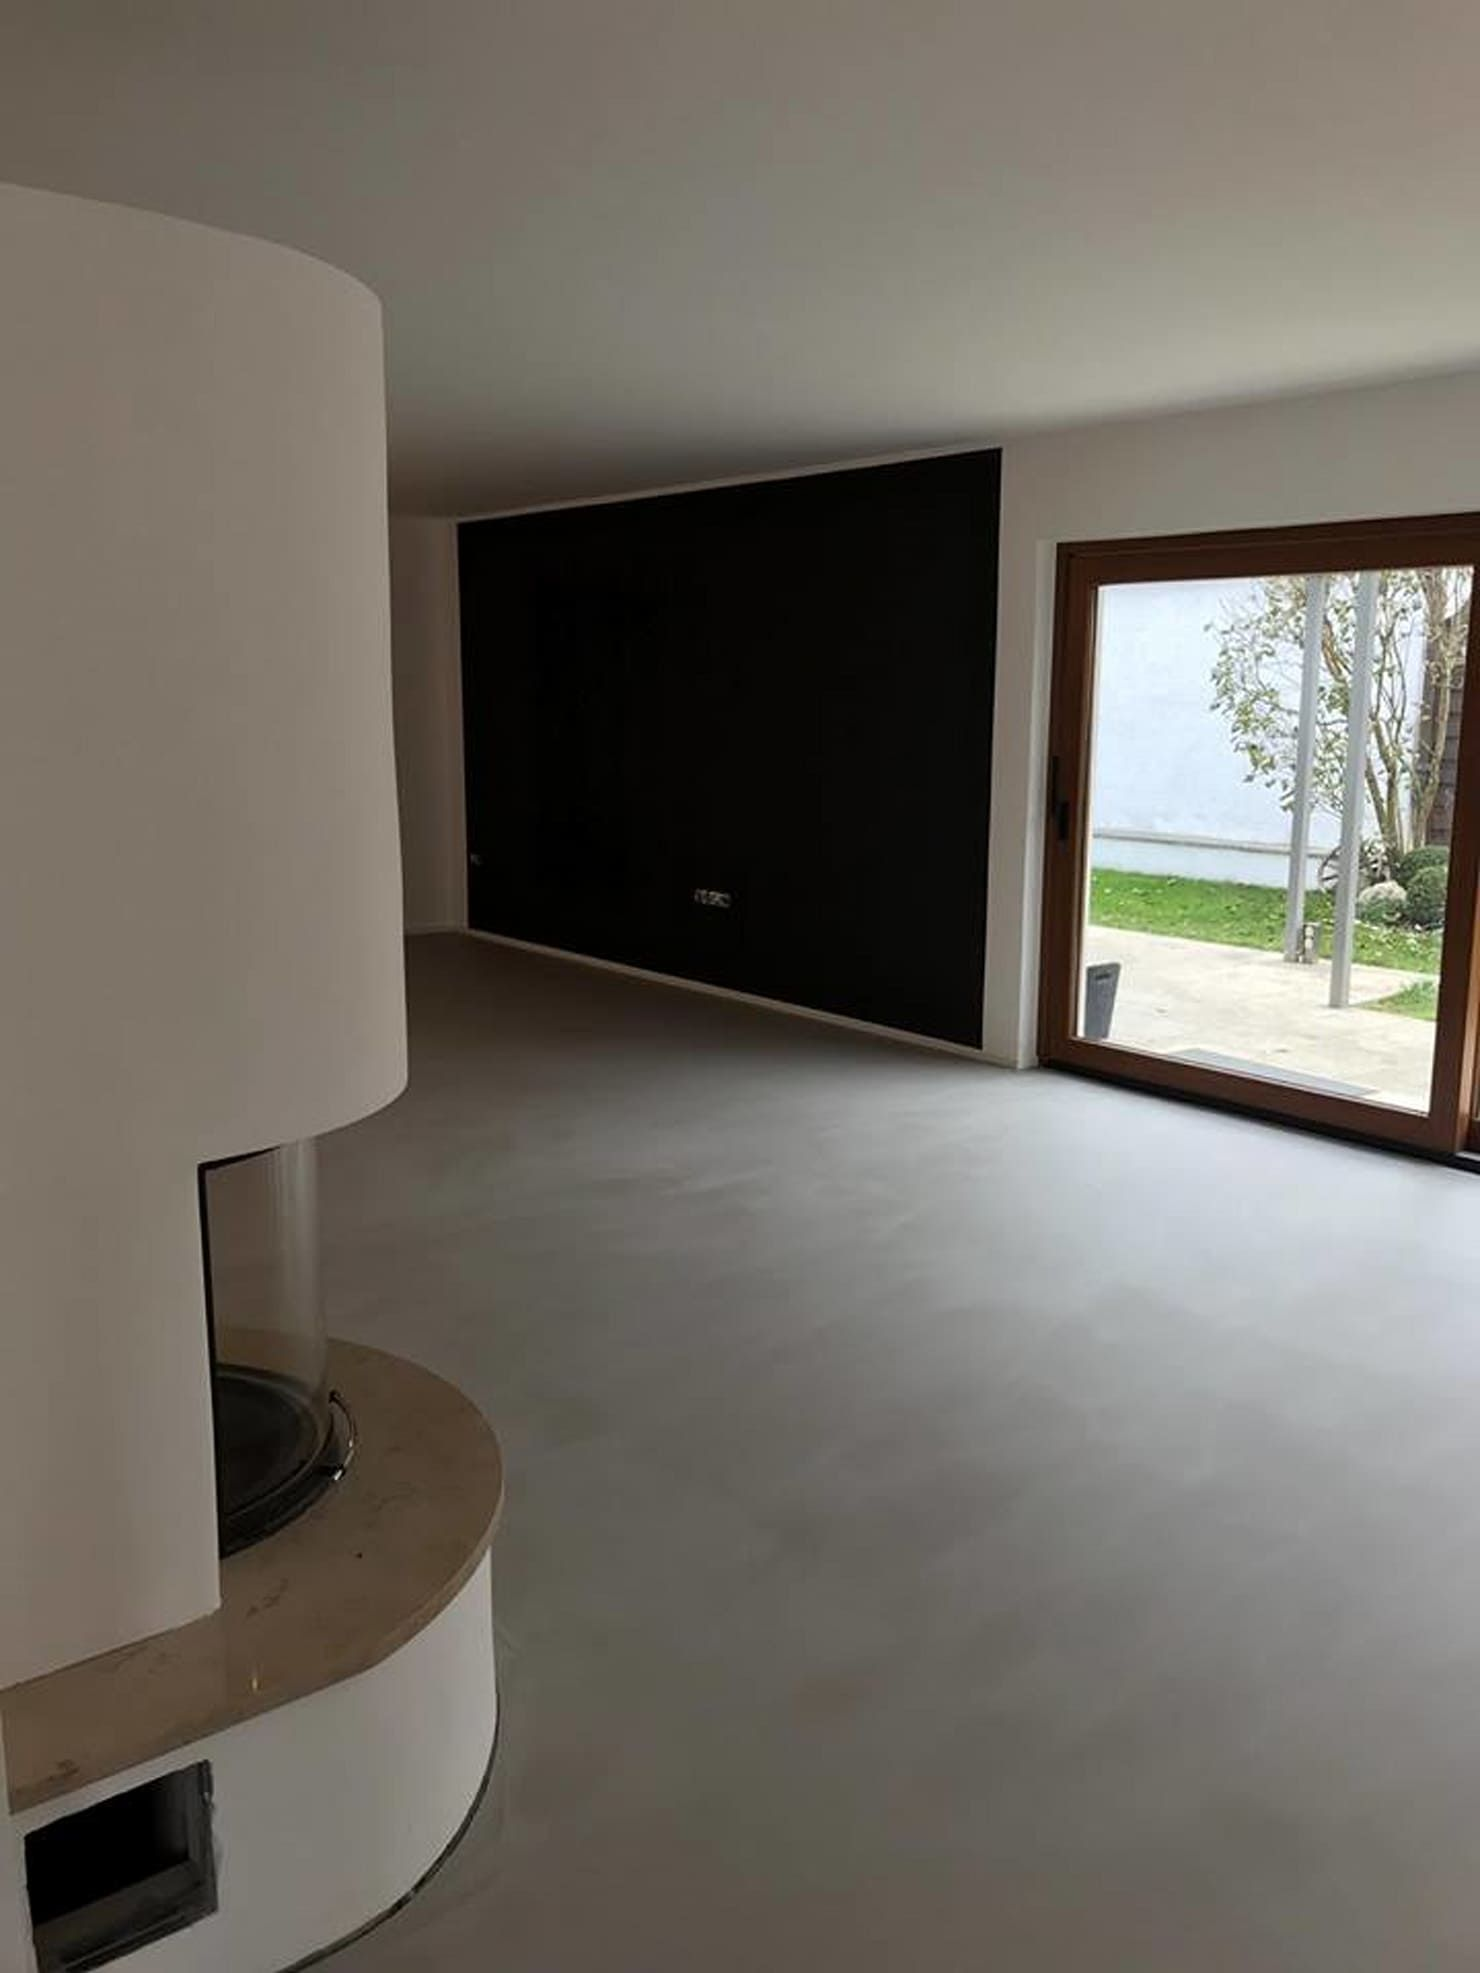 Full Size of Moderne Wohnzimmer 2020 Pandomo Fugenloser Boden Von Keramostone Modern Bilder Hängeleuchte Wandbild Landhausstil Modernes Bett Decken Led Deckenleuchte Wohnzimmer Moderne Wohnzimmer 2020